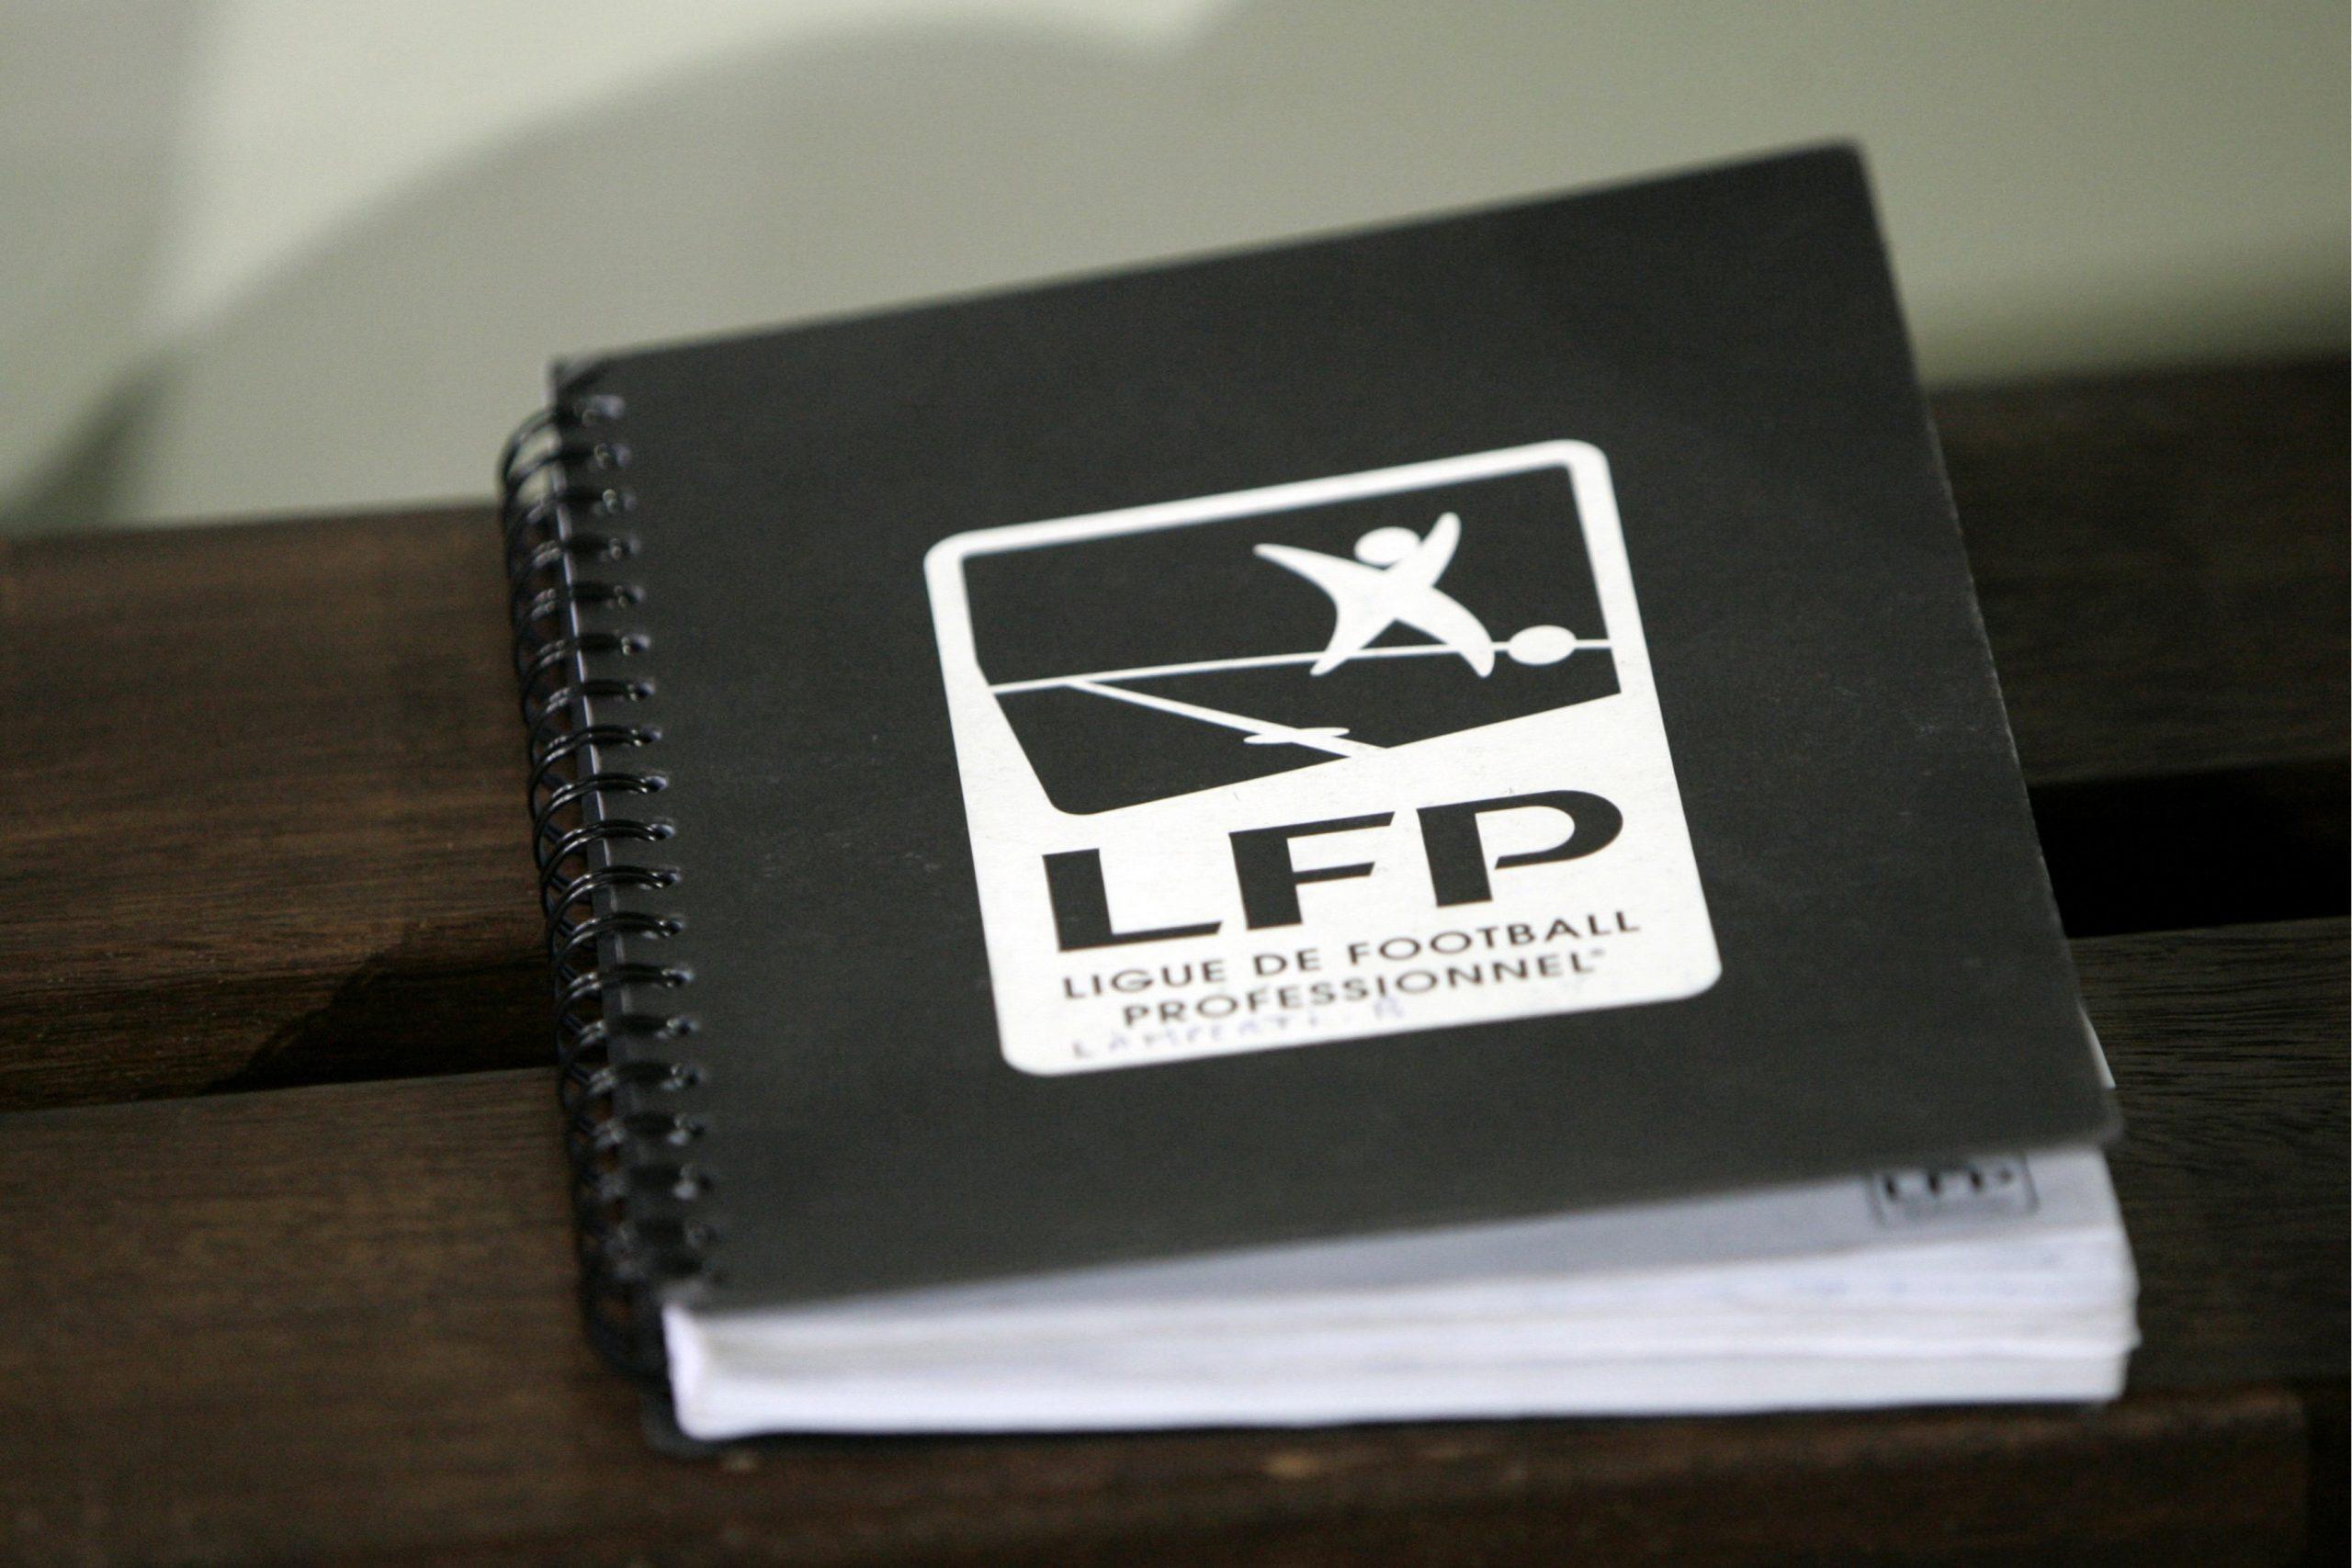 Officiel - La LFP annonce les dates du mercato hivernal 2020-2021 en France